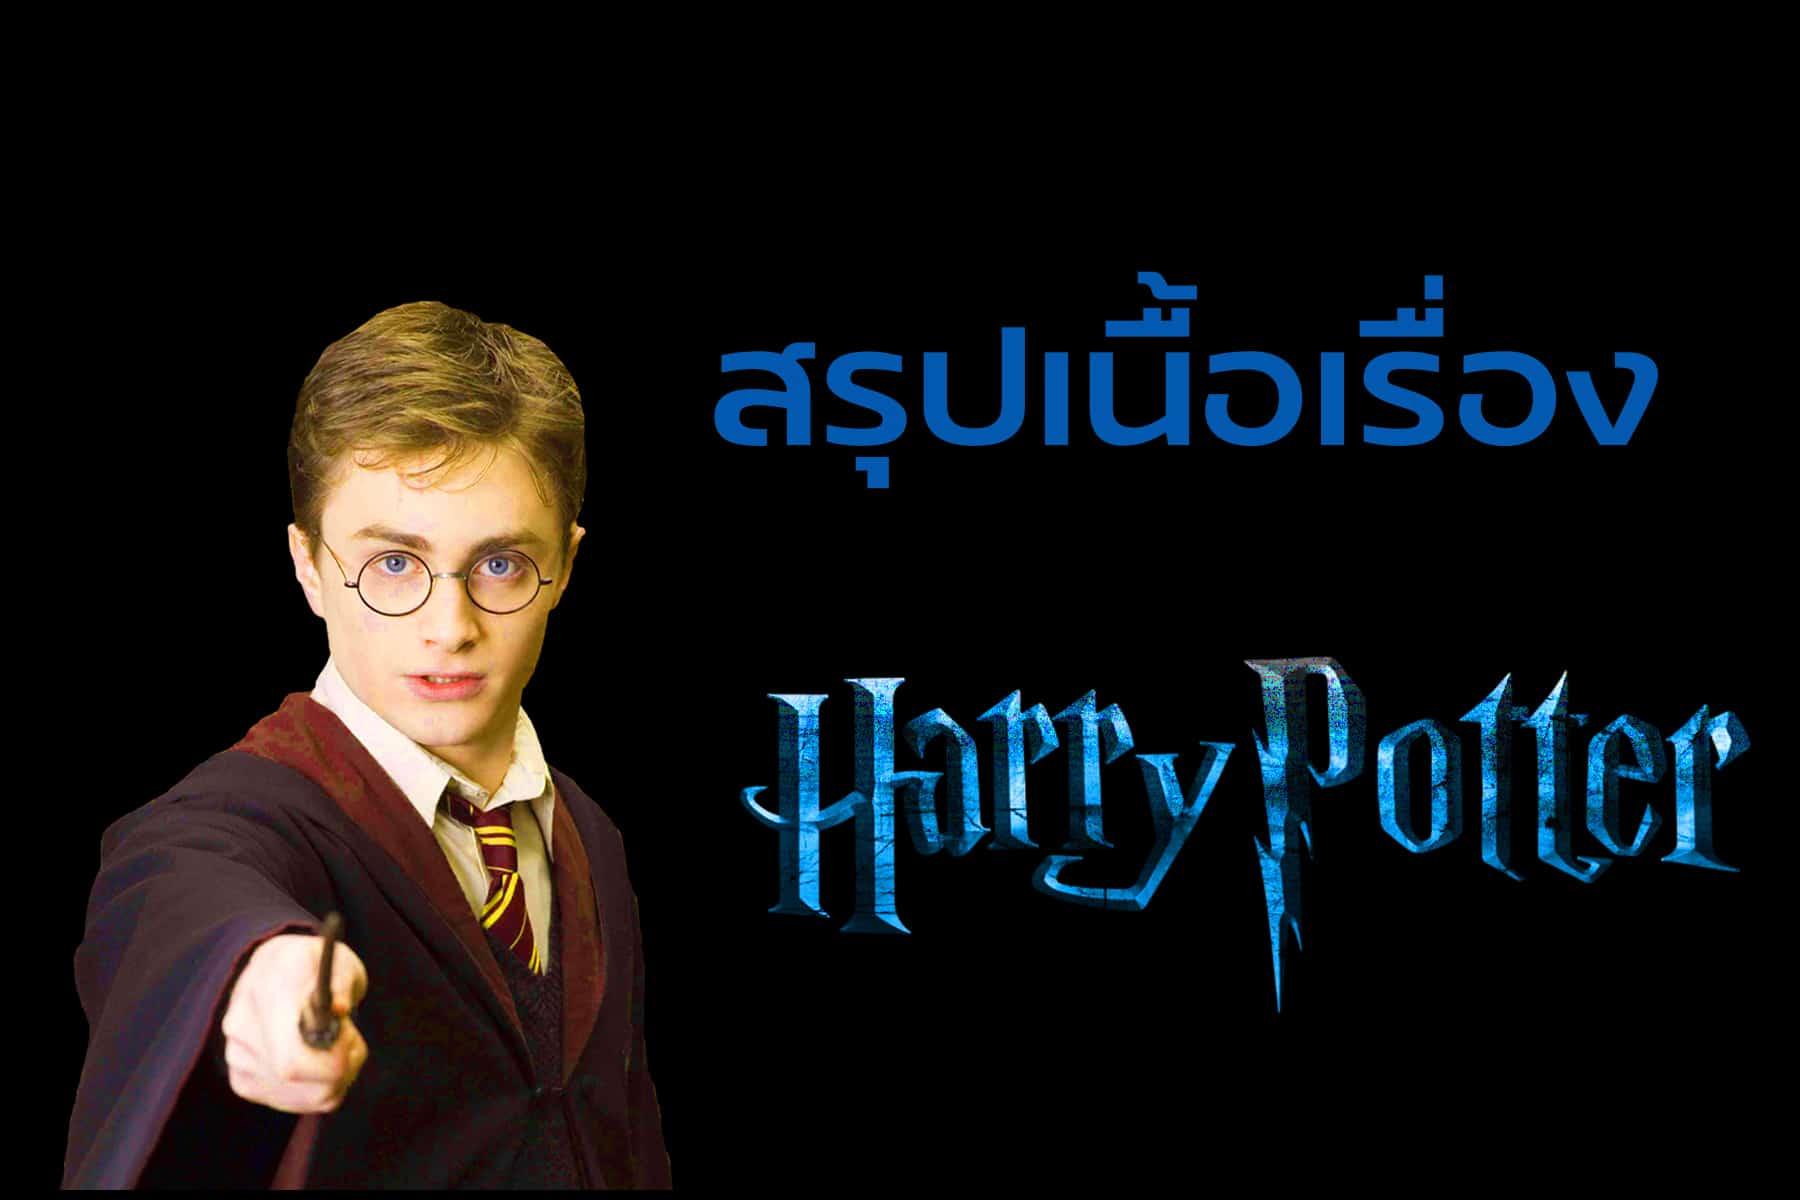 สรุปเนื้อเรื่อง harry potter